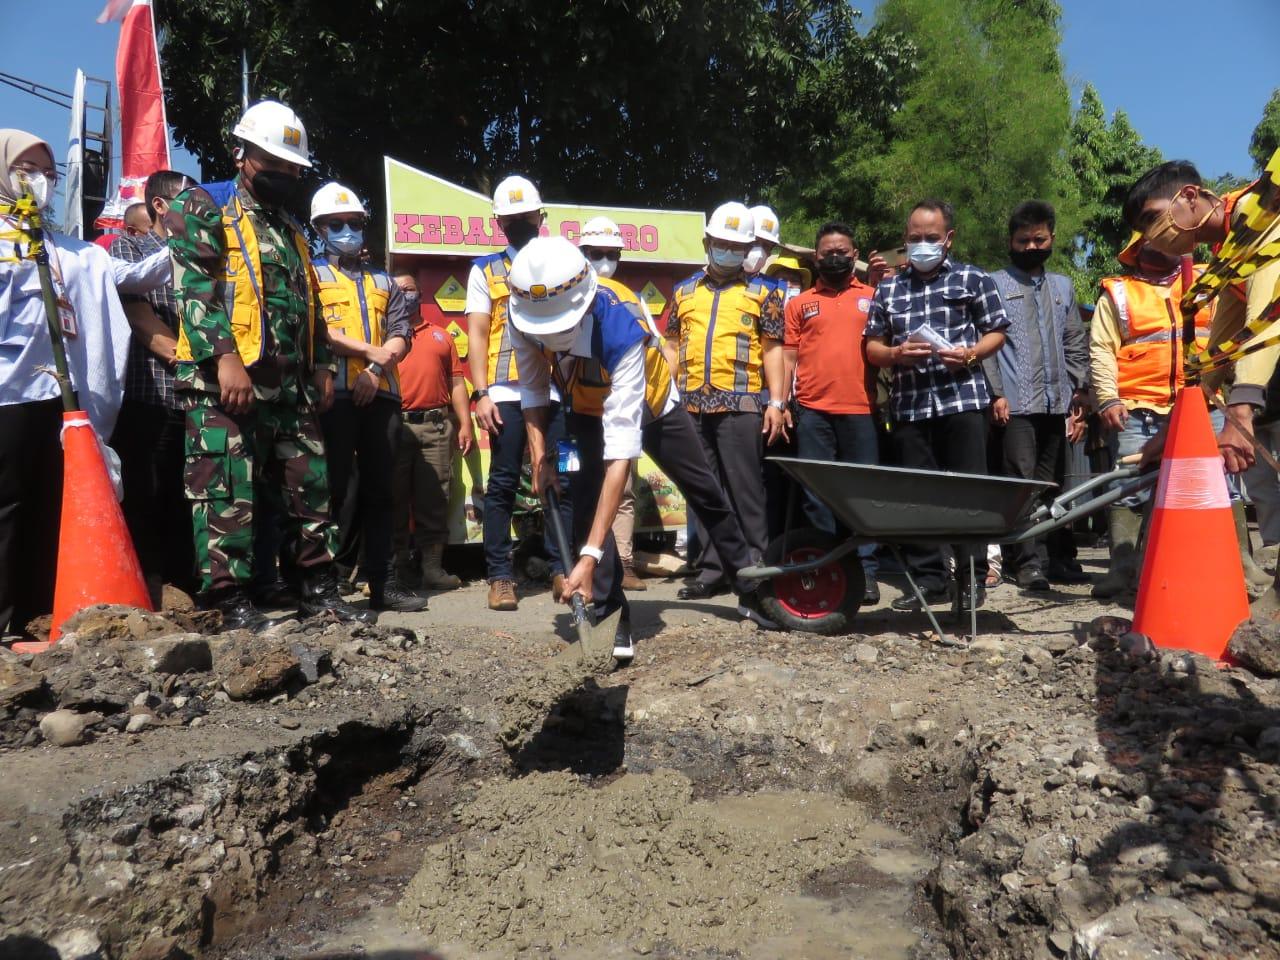 Pelaksanaan groundbreaking perbaikan jalan di selatan KBB, dinilai timbulkan kerumunan massa di tengah pandemi Covid-19.